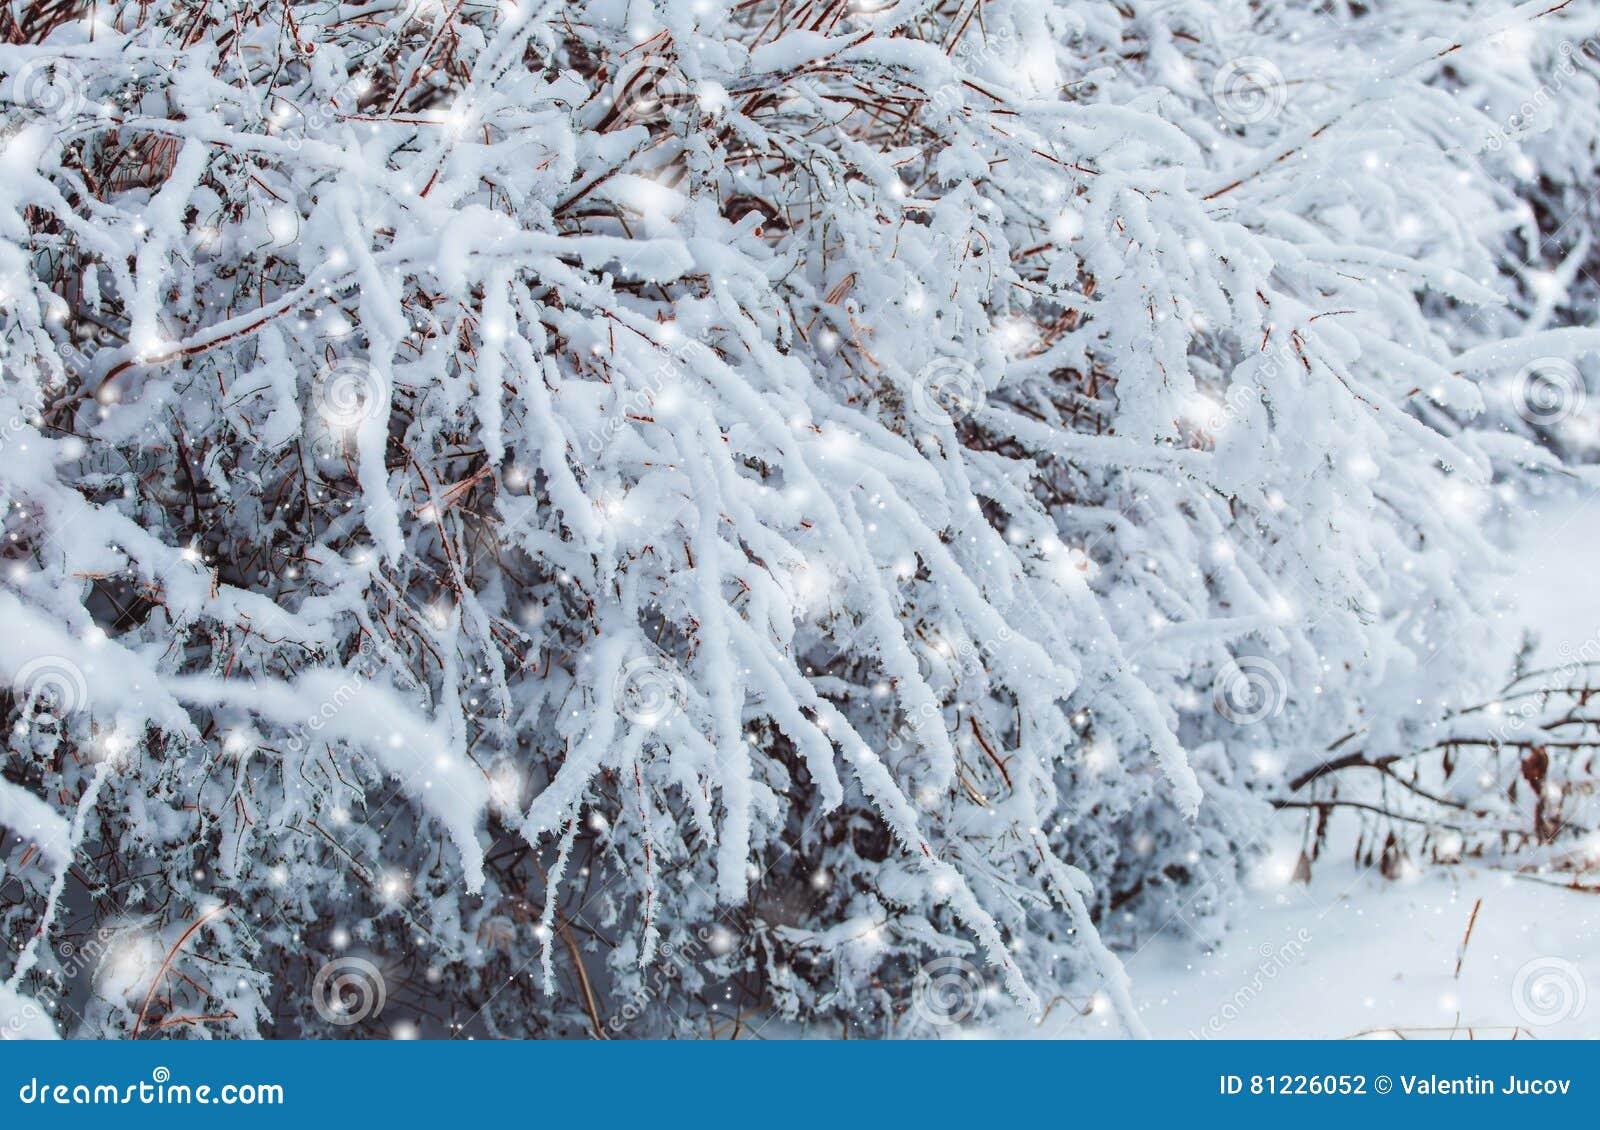 Ijzig de winterlandschap in sneeuw bosdiePijnboomtakken met sneeuw in koud weer worden behandeld Kerstmisachtergrond met sparren